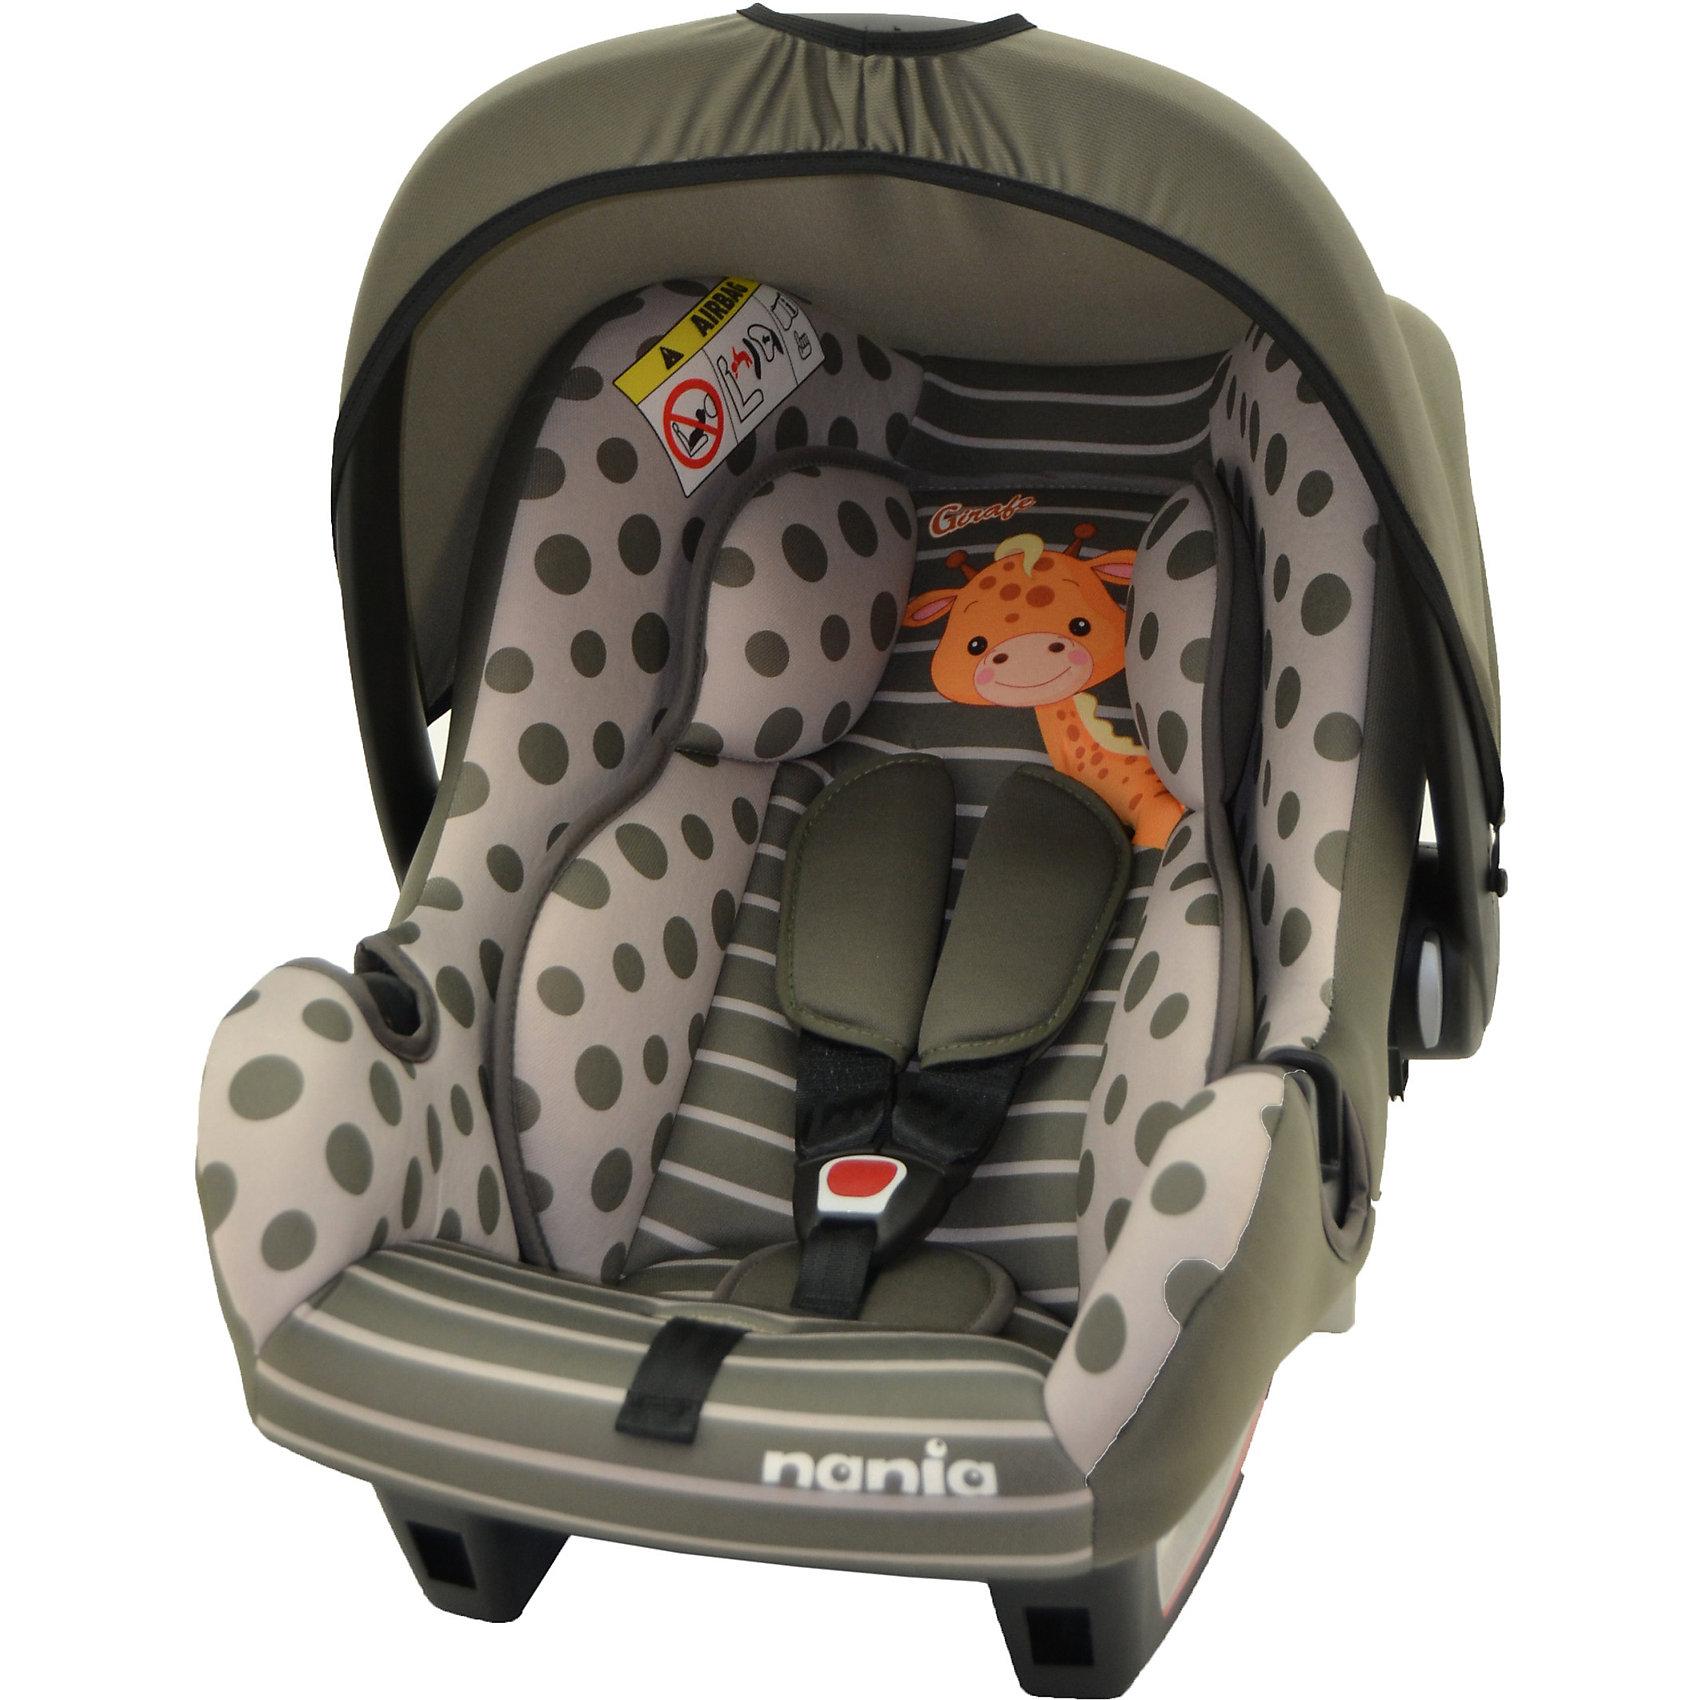 Автокресло Nania Beone SP, 0-13 кг, girafeГруппа 0+ (До 13 кг)<br>Автокресло Beone SP PL, Nania (Наня) обеспечит комфорт и безопасность маленького пассажира во время поездки в автомобиле. Прочный каркас кресла из полипропилена имеет удобную анатомическую форму, съемные мягкие подушечки в области головы и таза создают дополнительный комфорт. Кресло оснащено регулируемыми 5-точечными ремнями безопасности с 3-мя уровнями регулировки по высоте и мягкими плечевыми накладками. Ударопрочный корпус с прослойкой из полистирола и усиленная боковая защита SP - Side Protection уберегут ребёнка от серьезных травм. Солнцезащитный козырек не допускает попадания прямых солнечных лучей и пропускает воздух. Благодаря специальной системе крепления автокресло Beone SP PL легко и надежно фиксируется при помощи штатных ремней безопасности. Устанавливать автокресло следует лицом против движения авто, возможна установка на переднем сиденье при отключенной подушке безопасности.<br><br>Кресло выполнено в приятной бежевой расцветке и украшено изображением забавного жирафа, может использоваться как детская переноска и в качестве шезлонга дома. Имеется удобная ручка для транспортировки, скрытая в капюшоне. Тканевую обивку можно снимать и стирать при щадящем режиме. Максимальный вес: 0-13 кг. Соответствует Европейскому Стандарту Безопасности ECE R44/03. <br><br>Дополнительная информация:<br><br>- Цвет: girafe (бежевый/хаки).<br>- Материал: 100% полиэстер, пластик.<br>- Возраст: 1-12 мес. (0-13 кг.)<br>- Высота спинки: 46 см.<br>- Внутренние размеры: 32 х 30 см.<br>- Внешние размеры: 70 х 47 х 40 см.<br>- Вес: 3,2 кг.<br><br>Автокресло Beone SP PL, girafe, Nania (Наня) можно купить в нашем интернет-магазине.<br><br>Ширина мм: 390<br>Глубина мм: 720<br>Высота мм: 400<br>Вес г: 7690<br>Возраст от месяцев: 0<br>Возраст до месяцев: 12<br>Пол: Унисекс<br>Возраст: Детский<br>SKU: 4074768